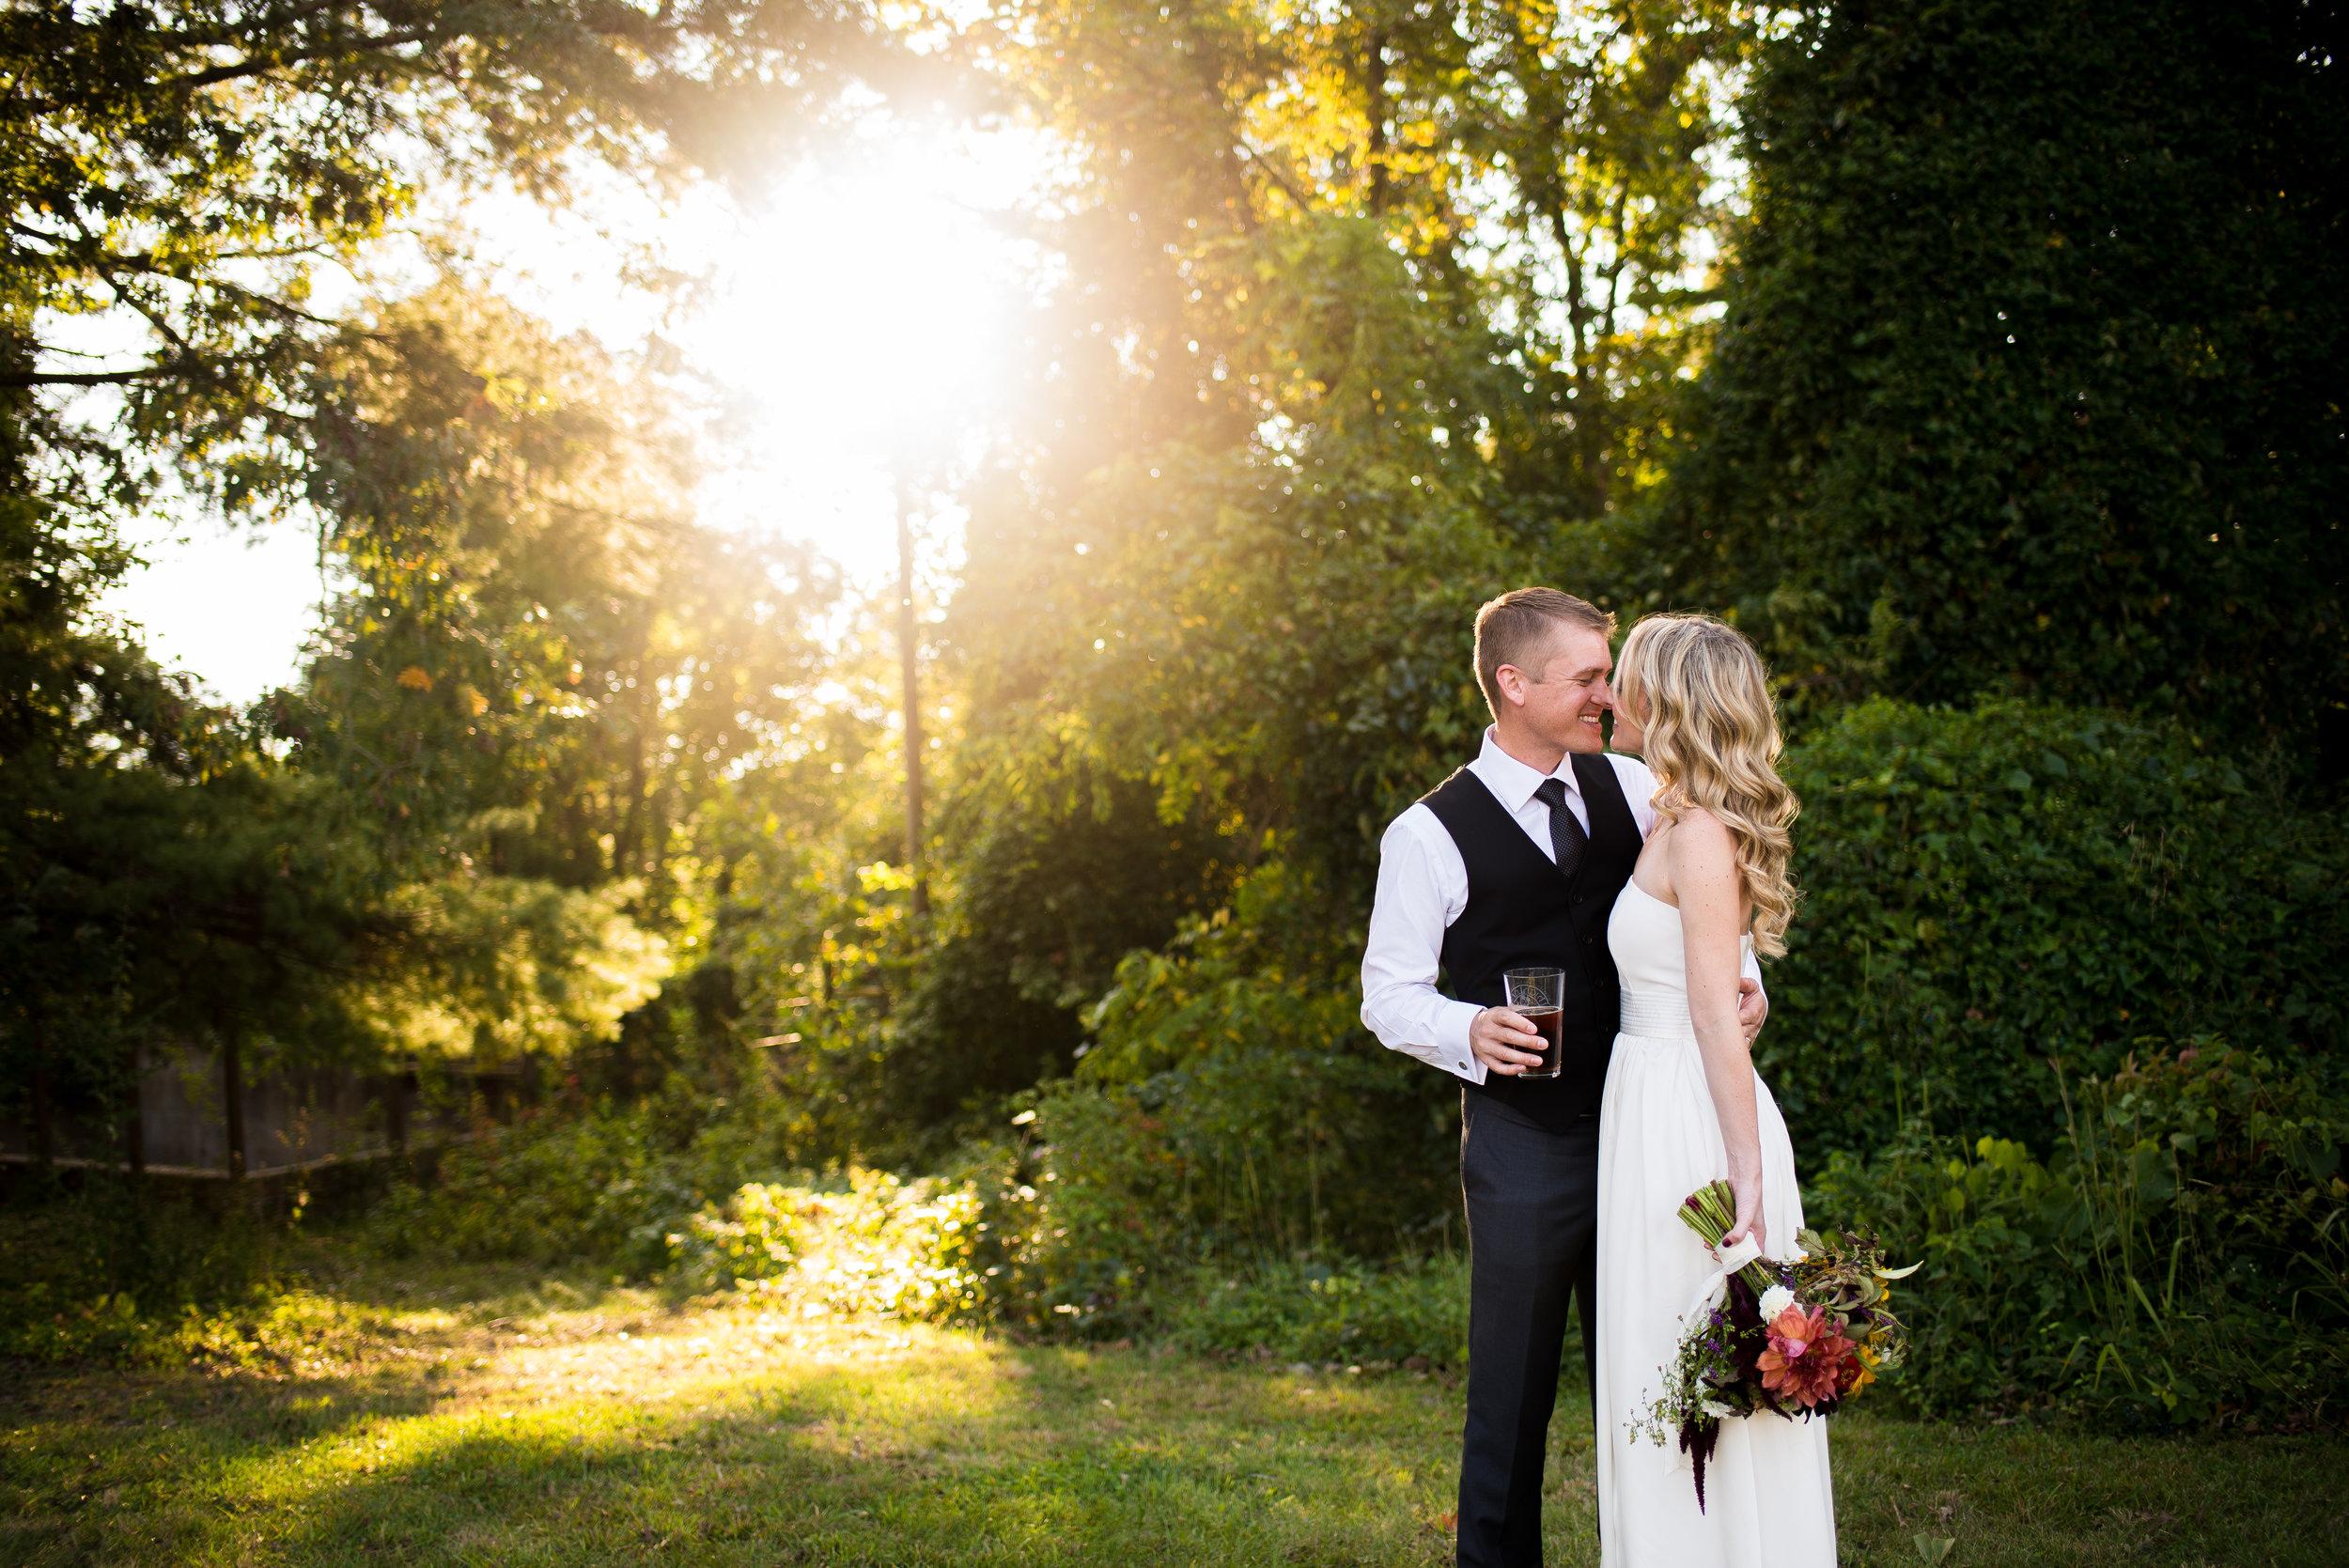 Highland-Brewing-Company-Summer-Wedding